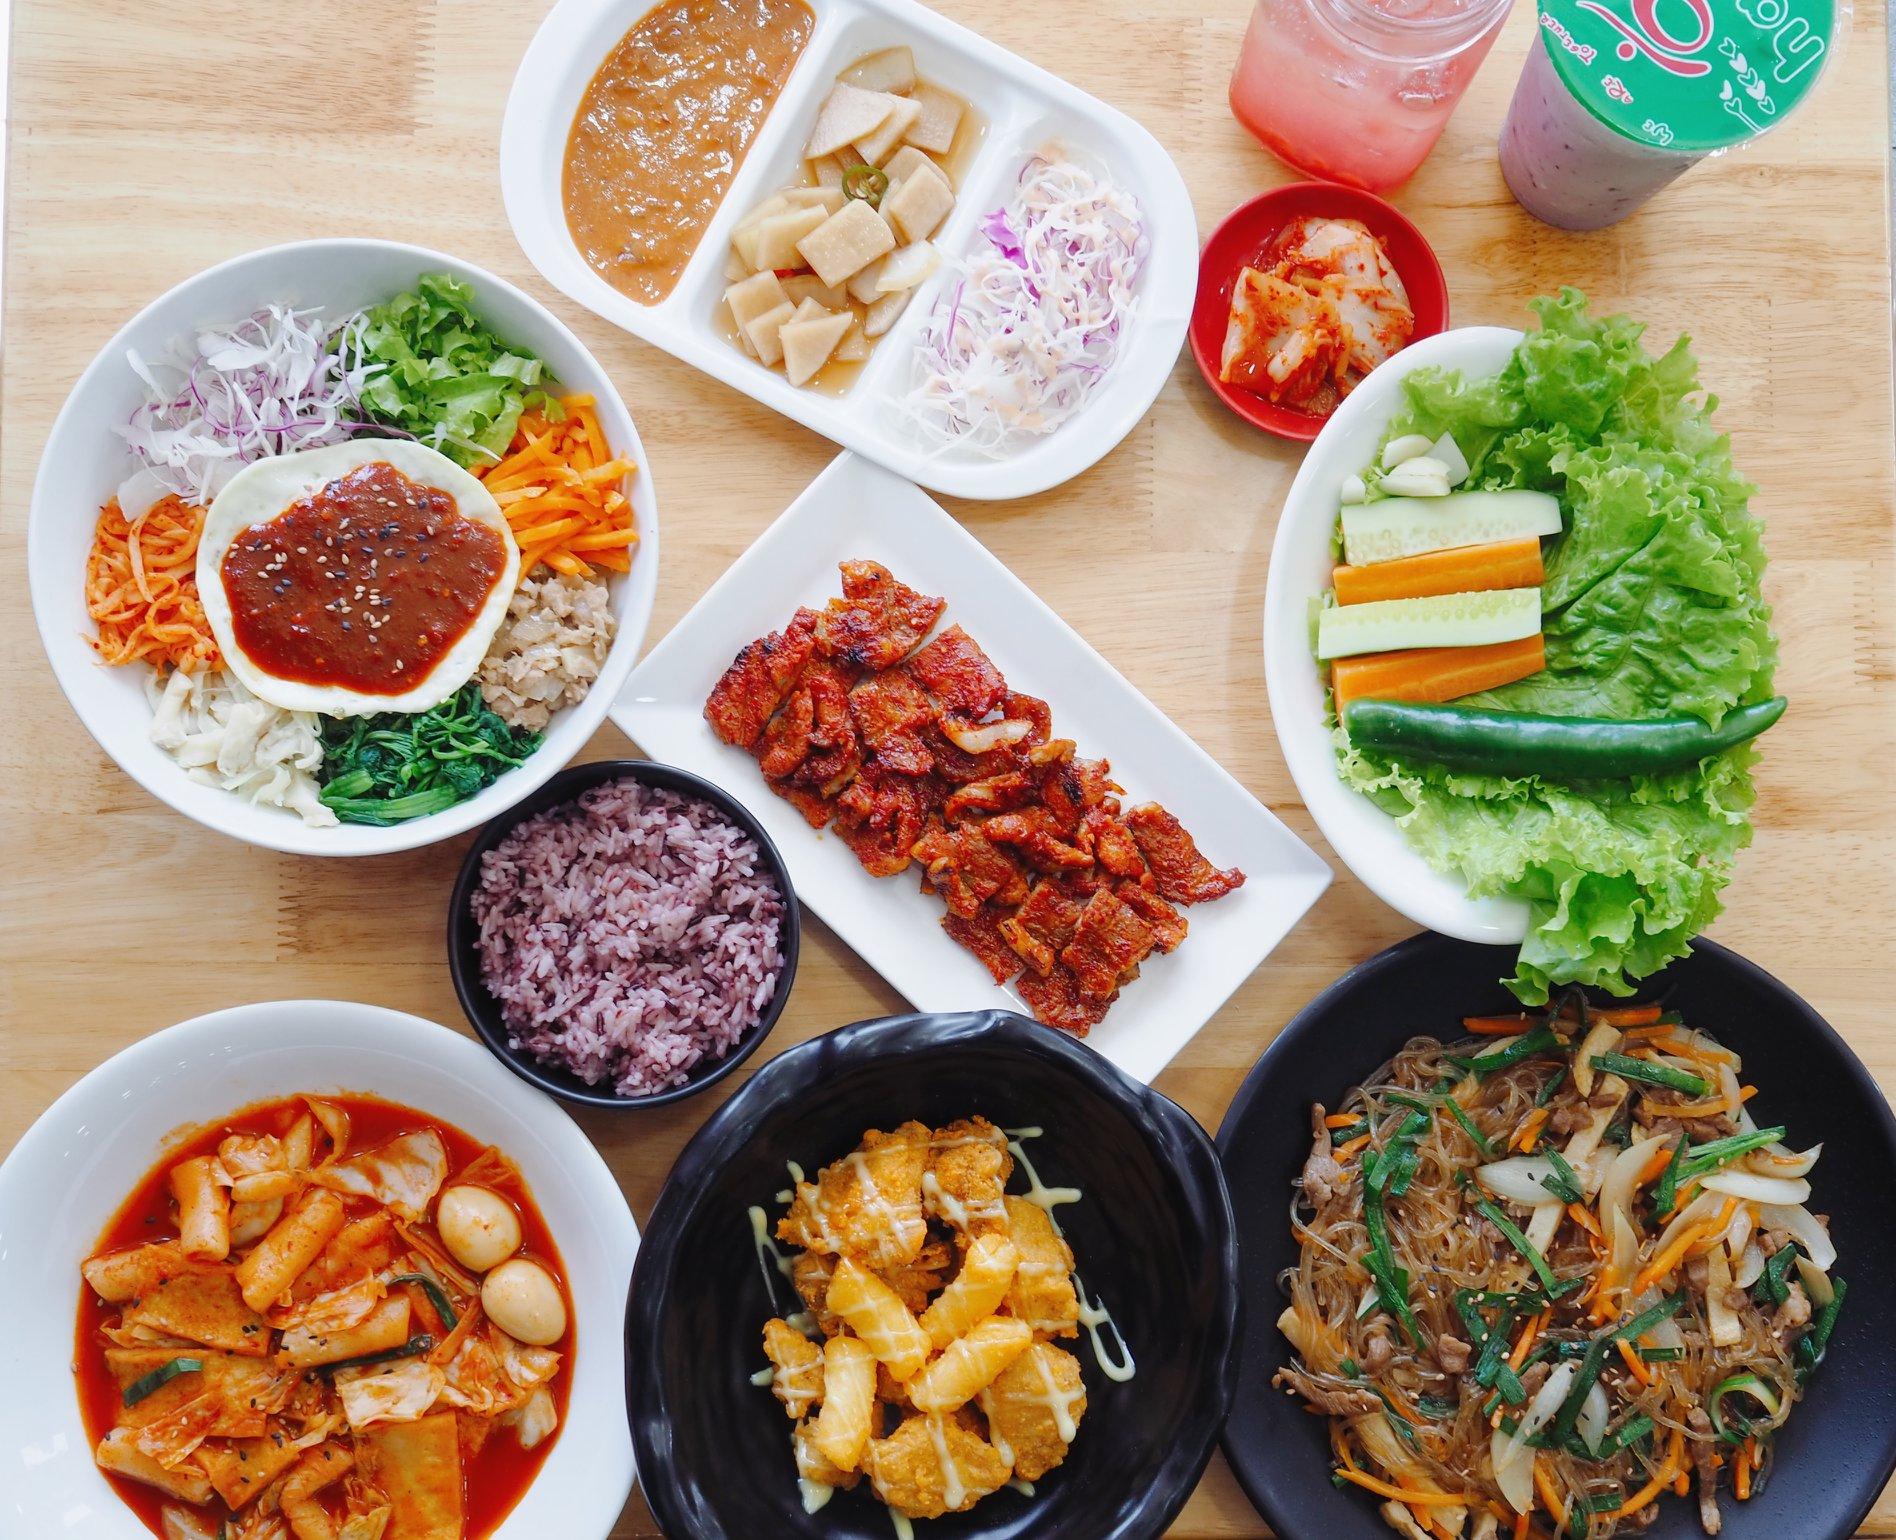 nhà hàng Hanuri - nhà hàng Hàn Quốc nổi tiếng